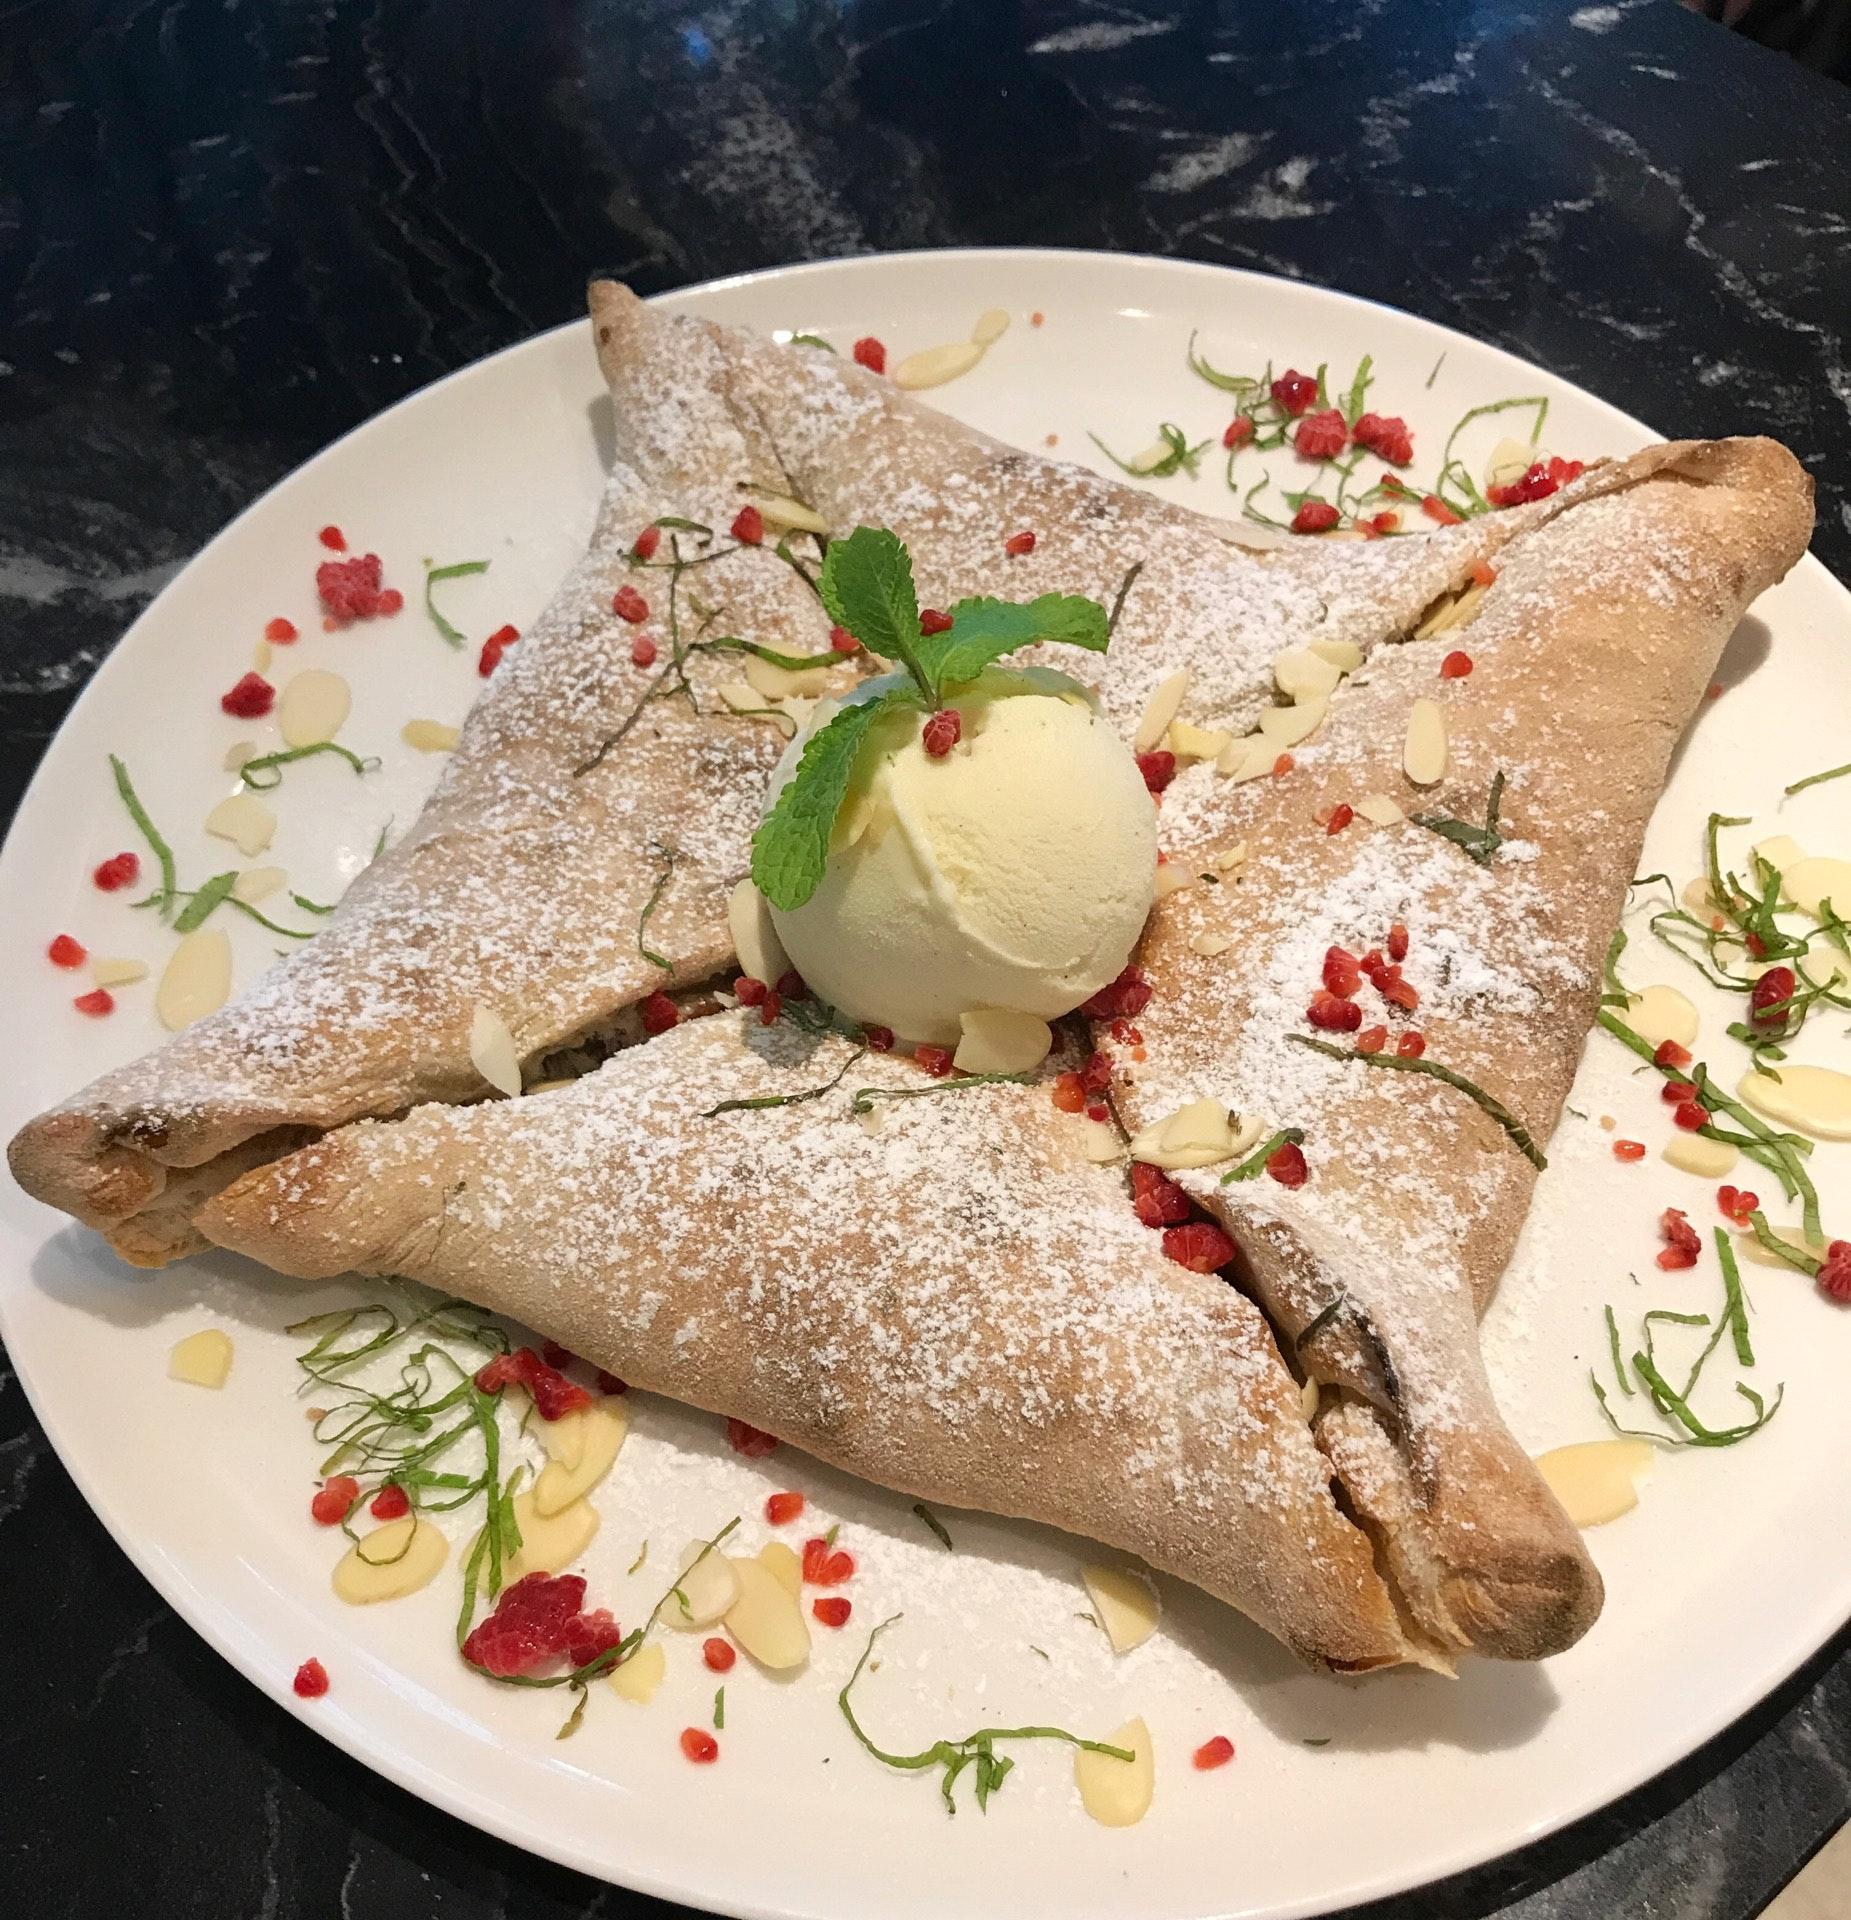 Desert Desserts? Never!